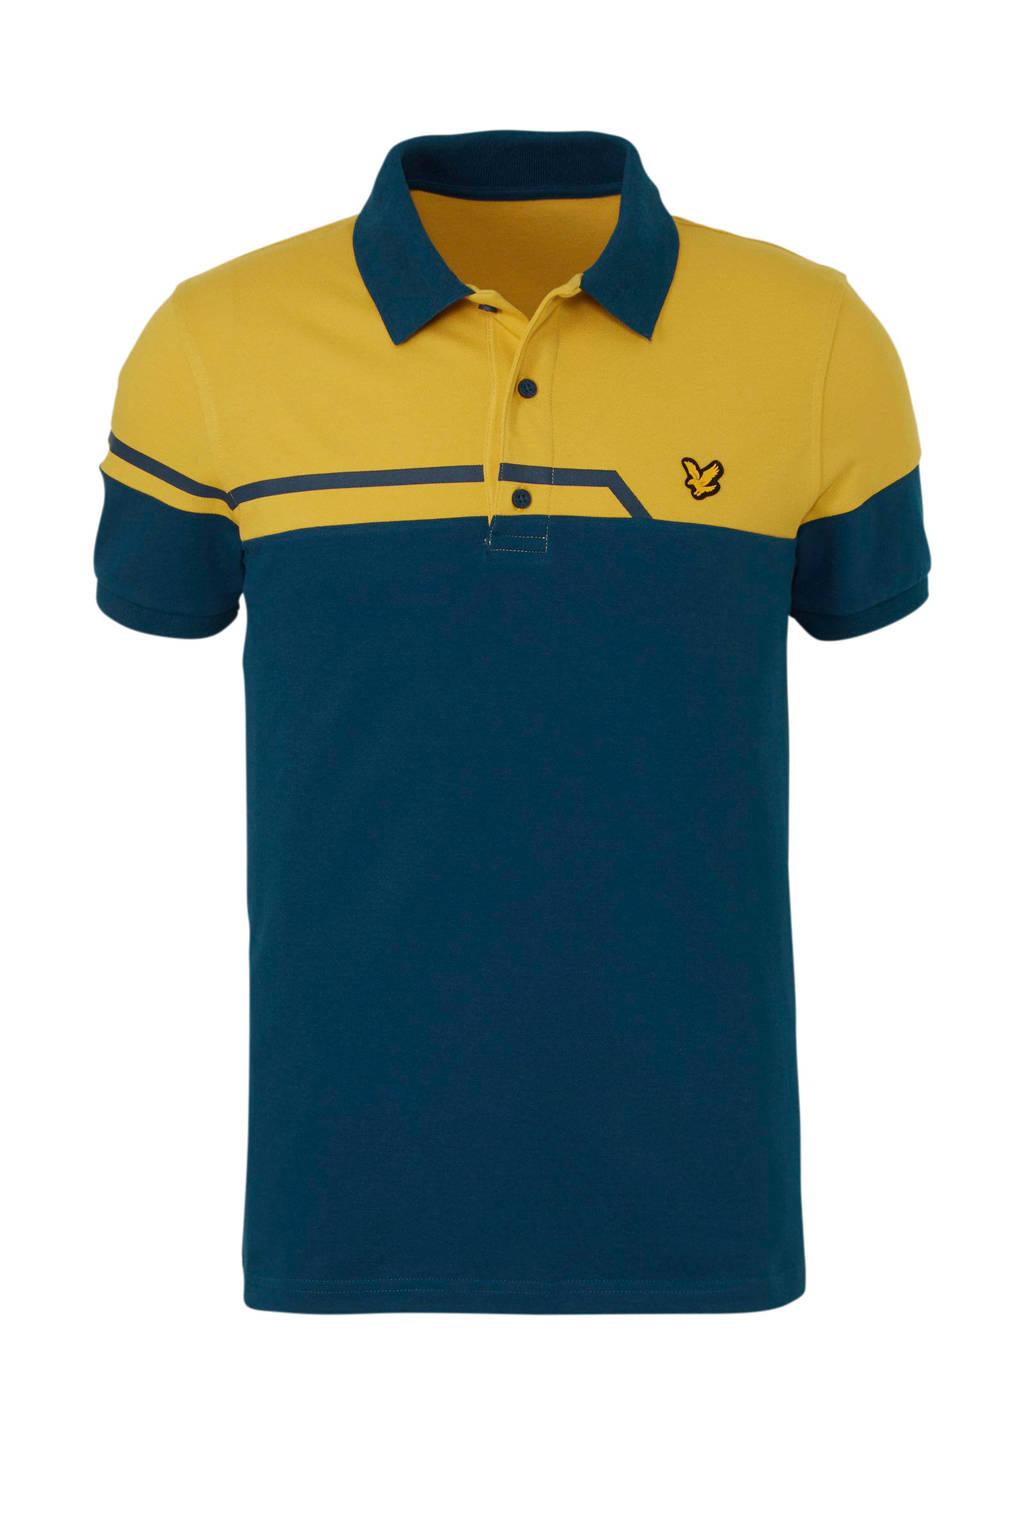 Lyle & Scott   polo blauw/geel, Blauw/geel